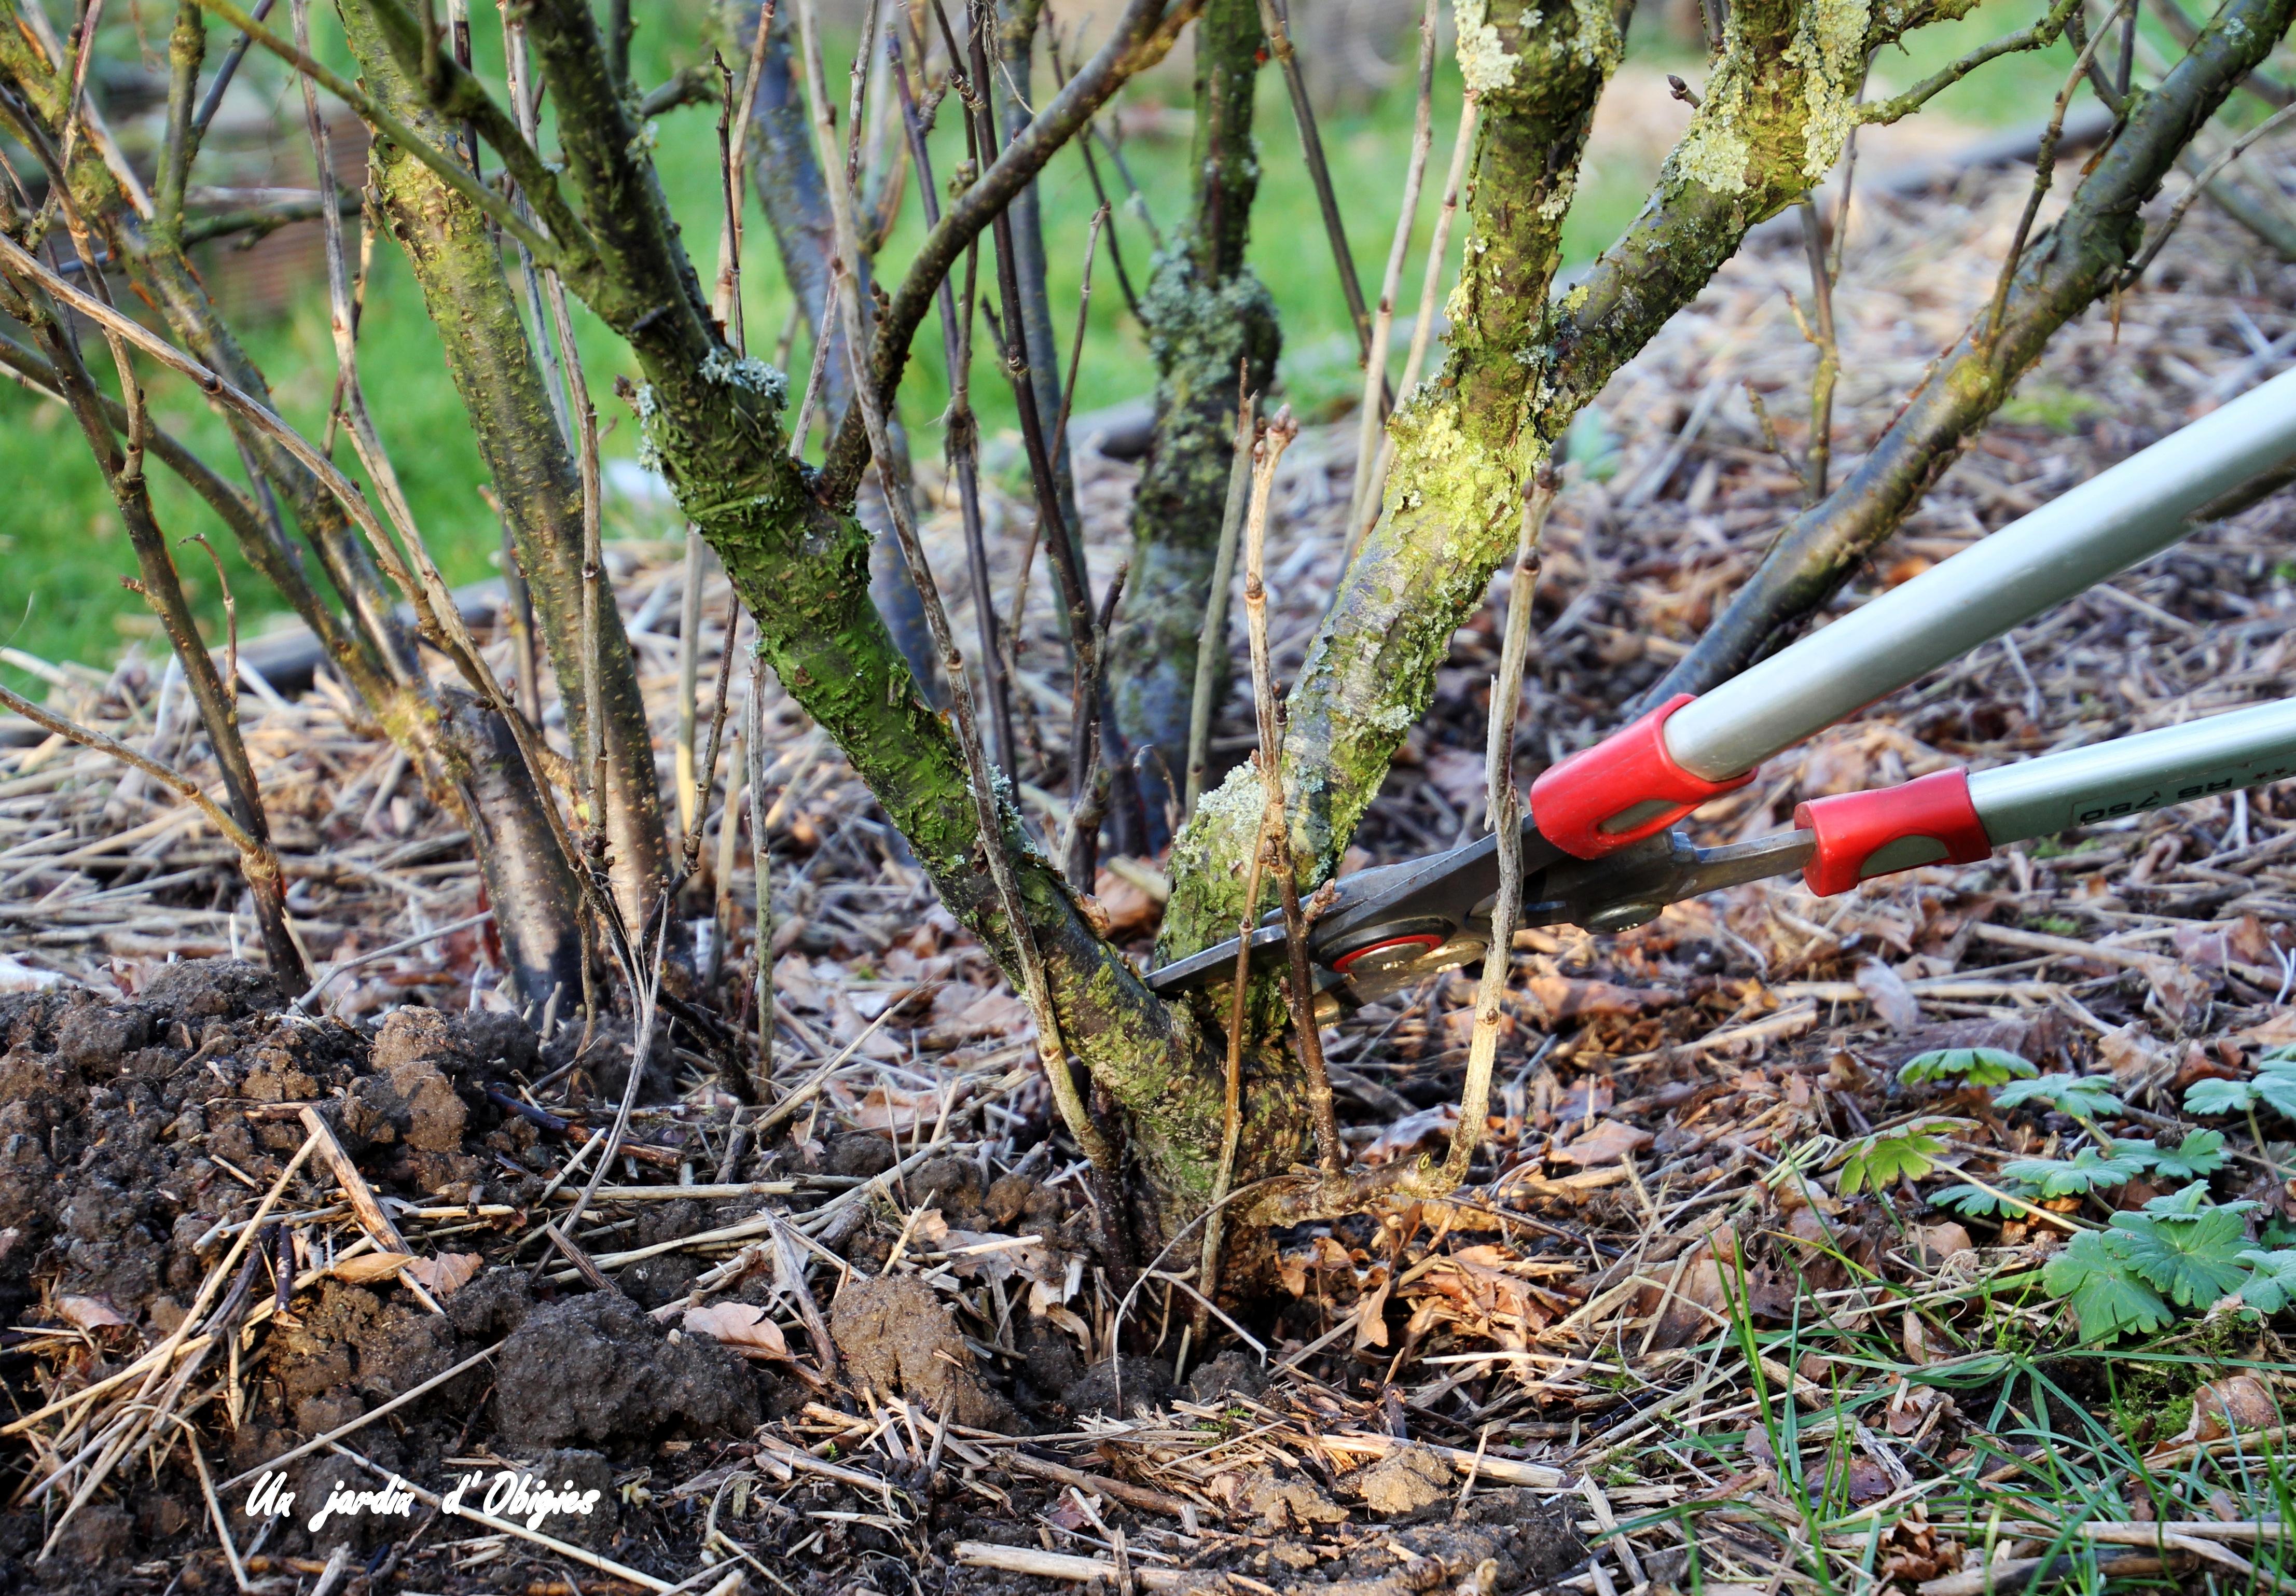 Taille du groseillier ( Un jardin d' Obigies - B. - 13/02/2019 )